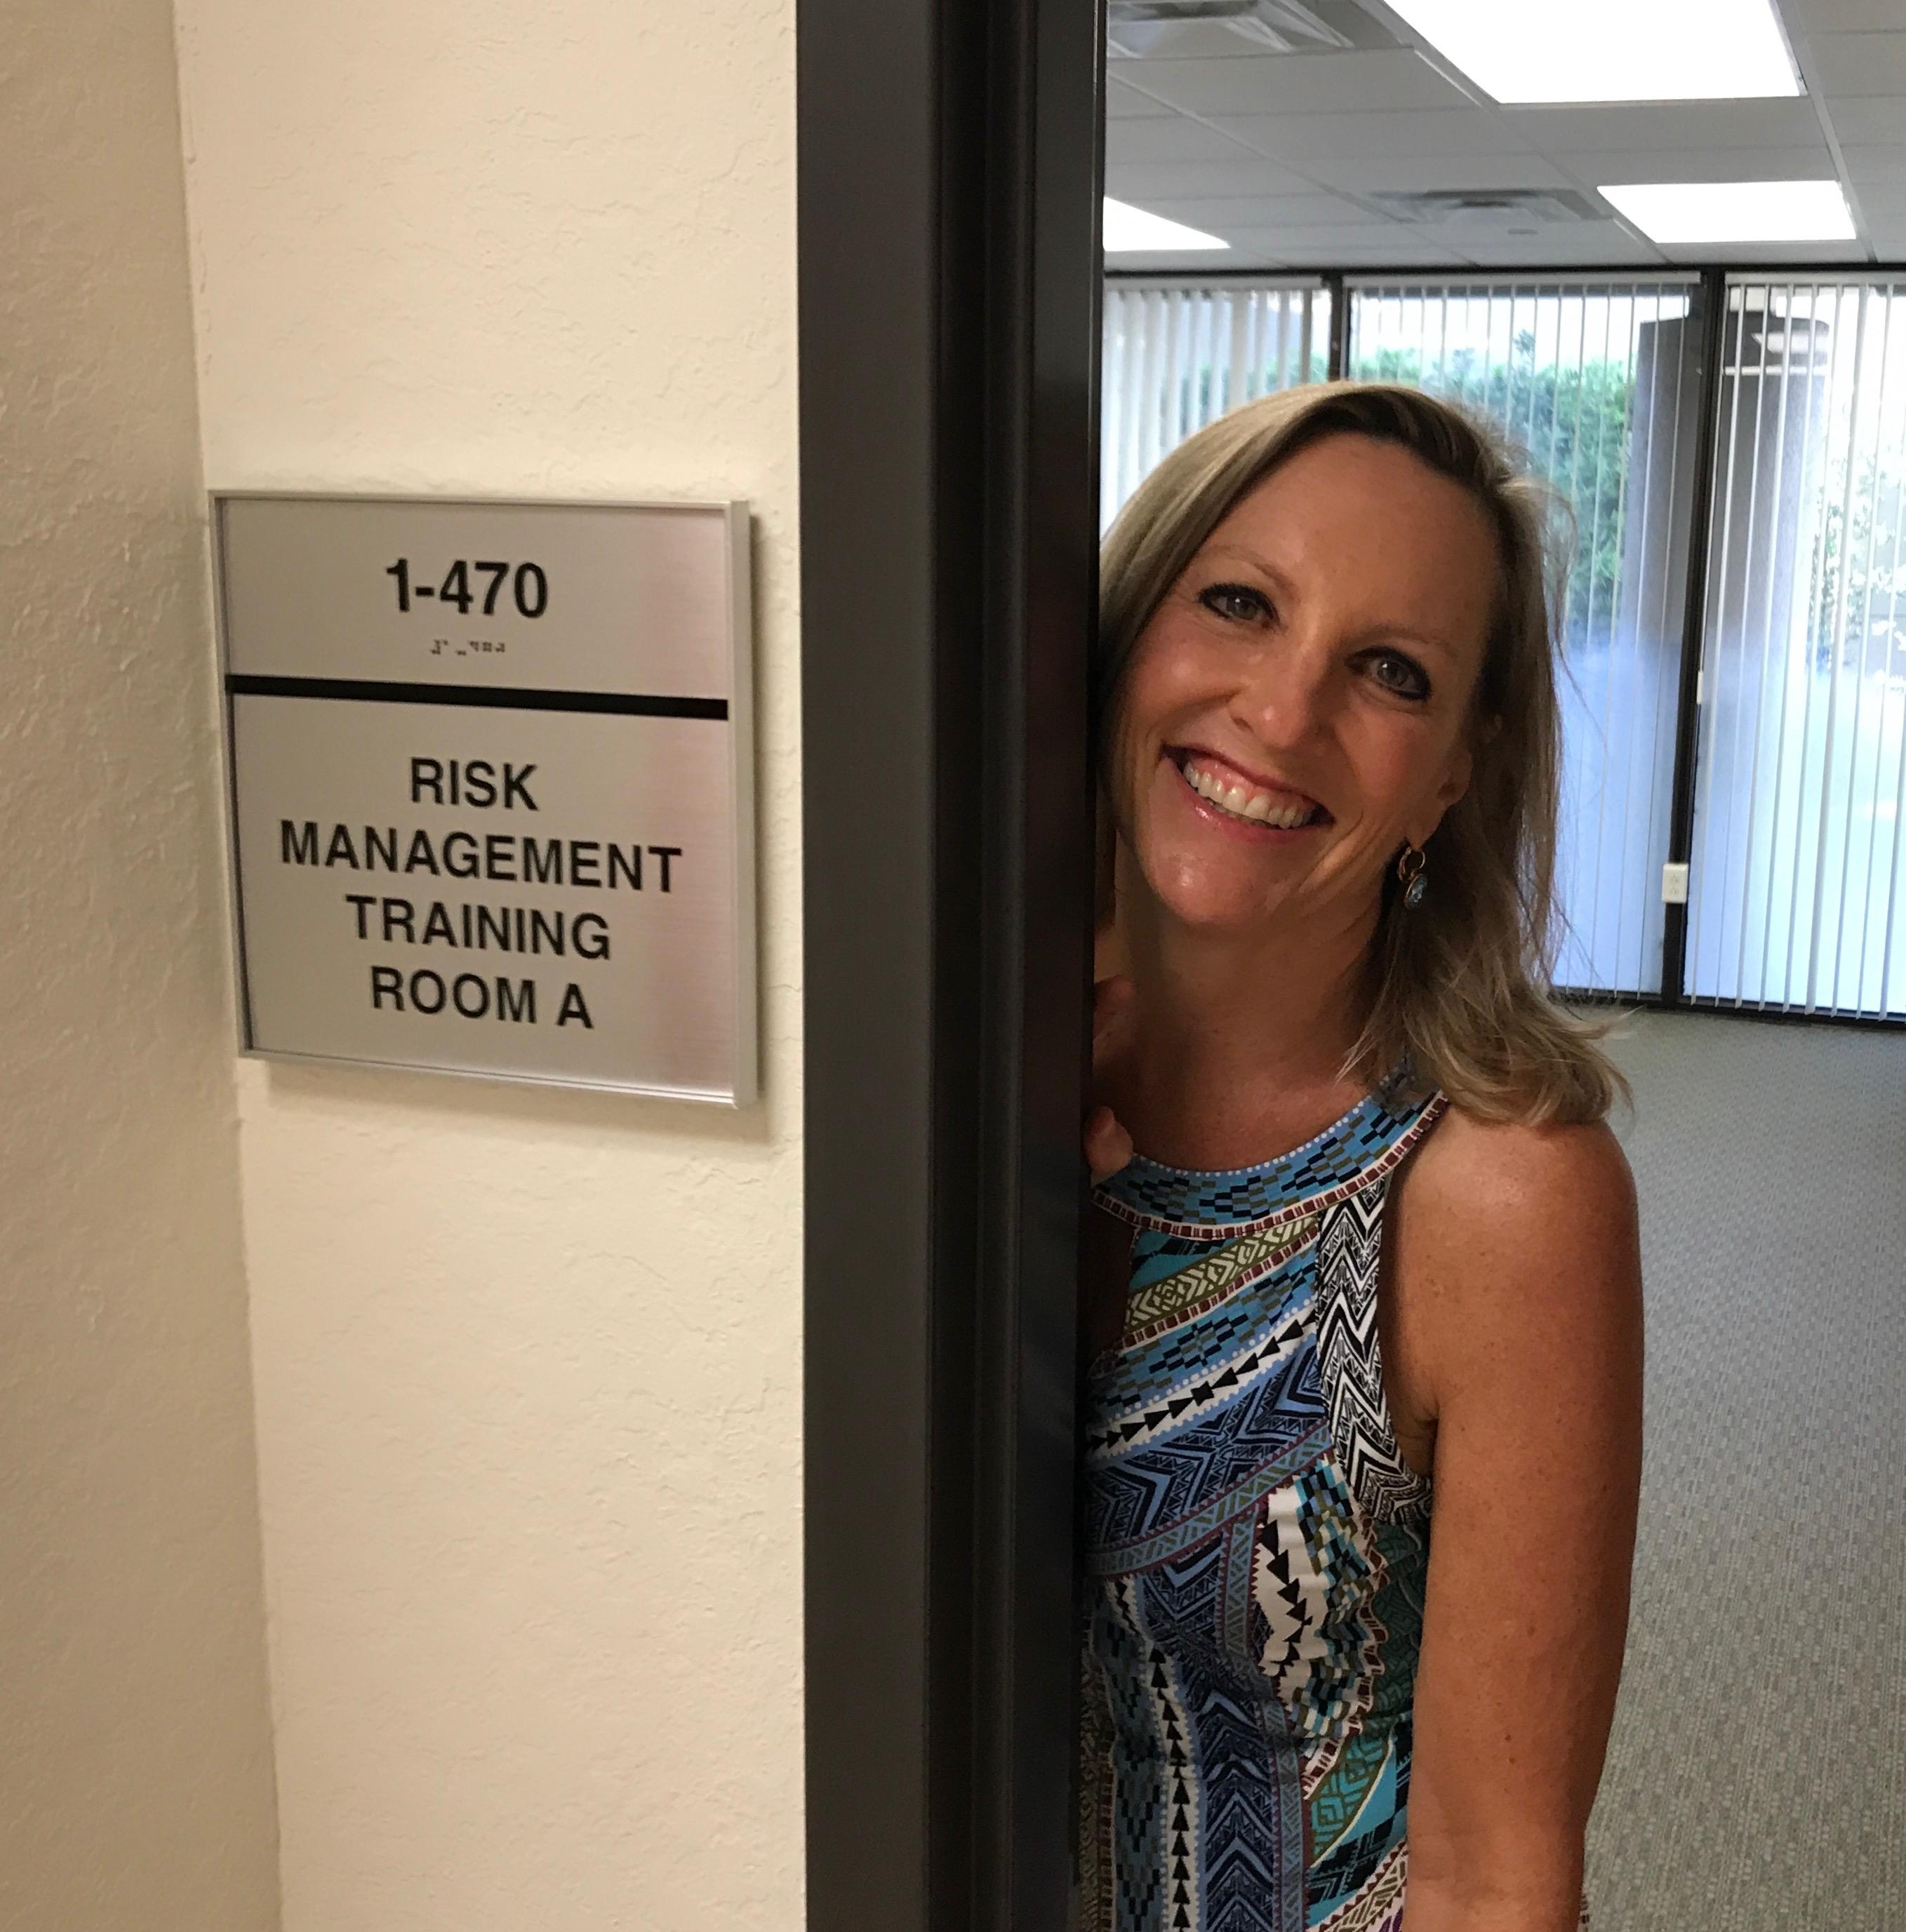 Diane risk management workshop.jpg